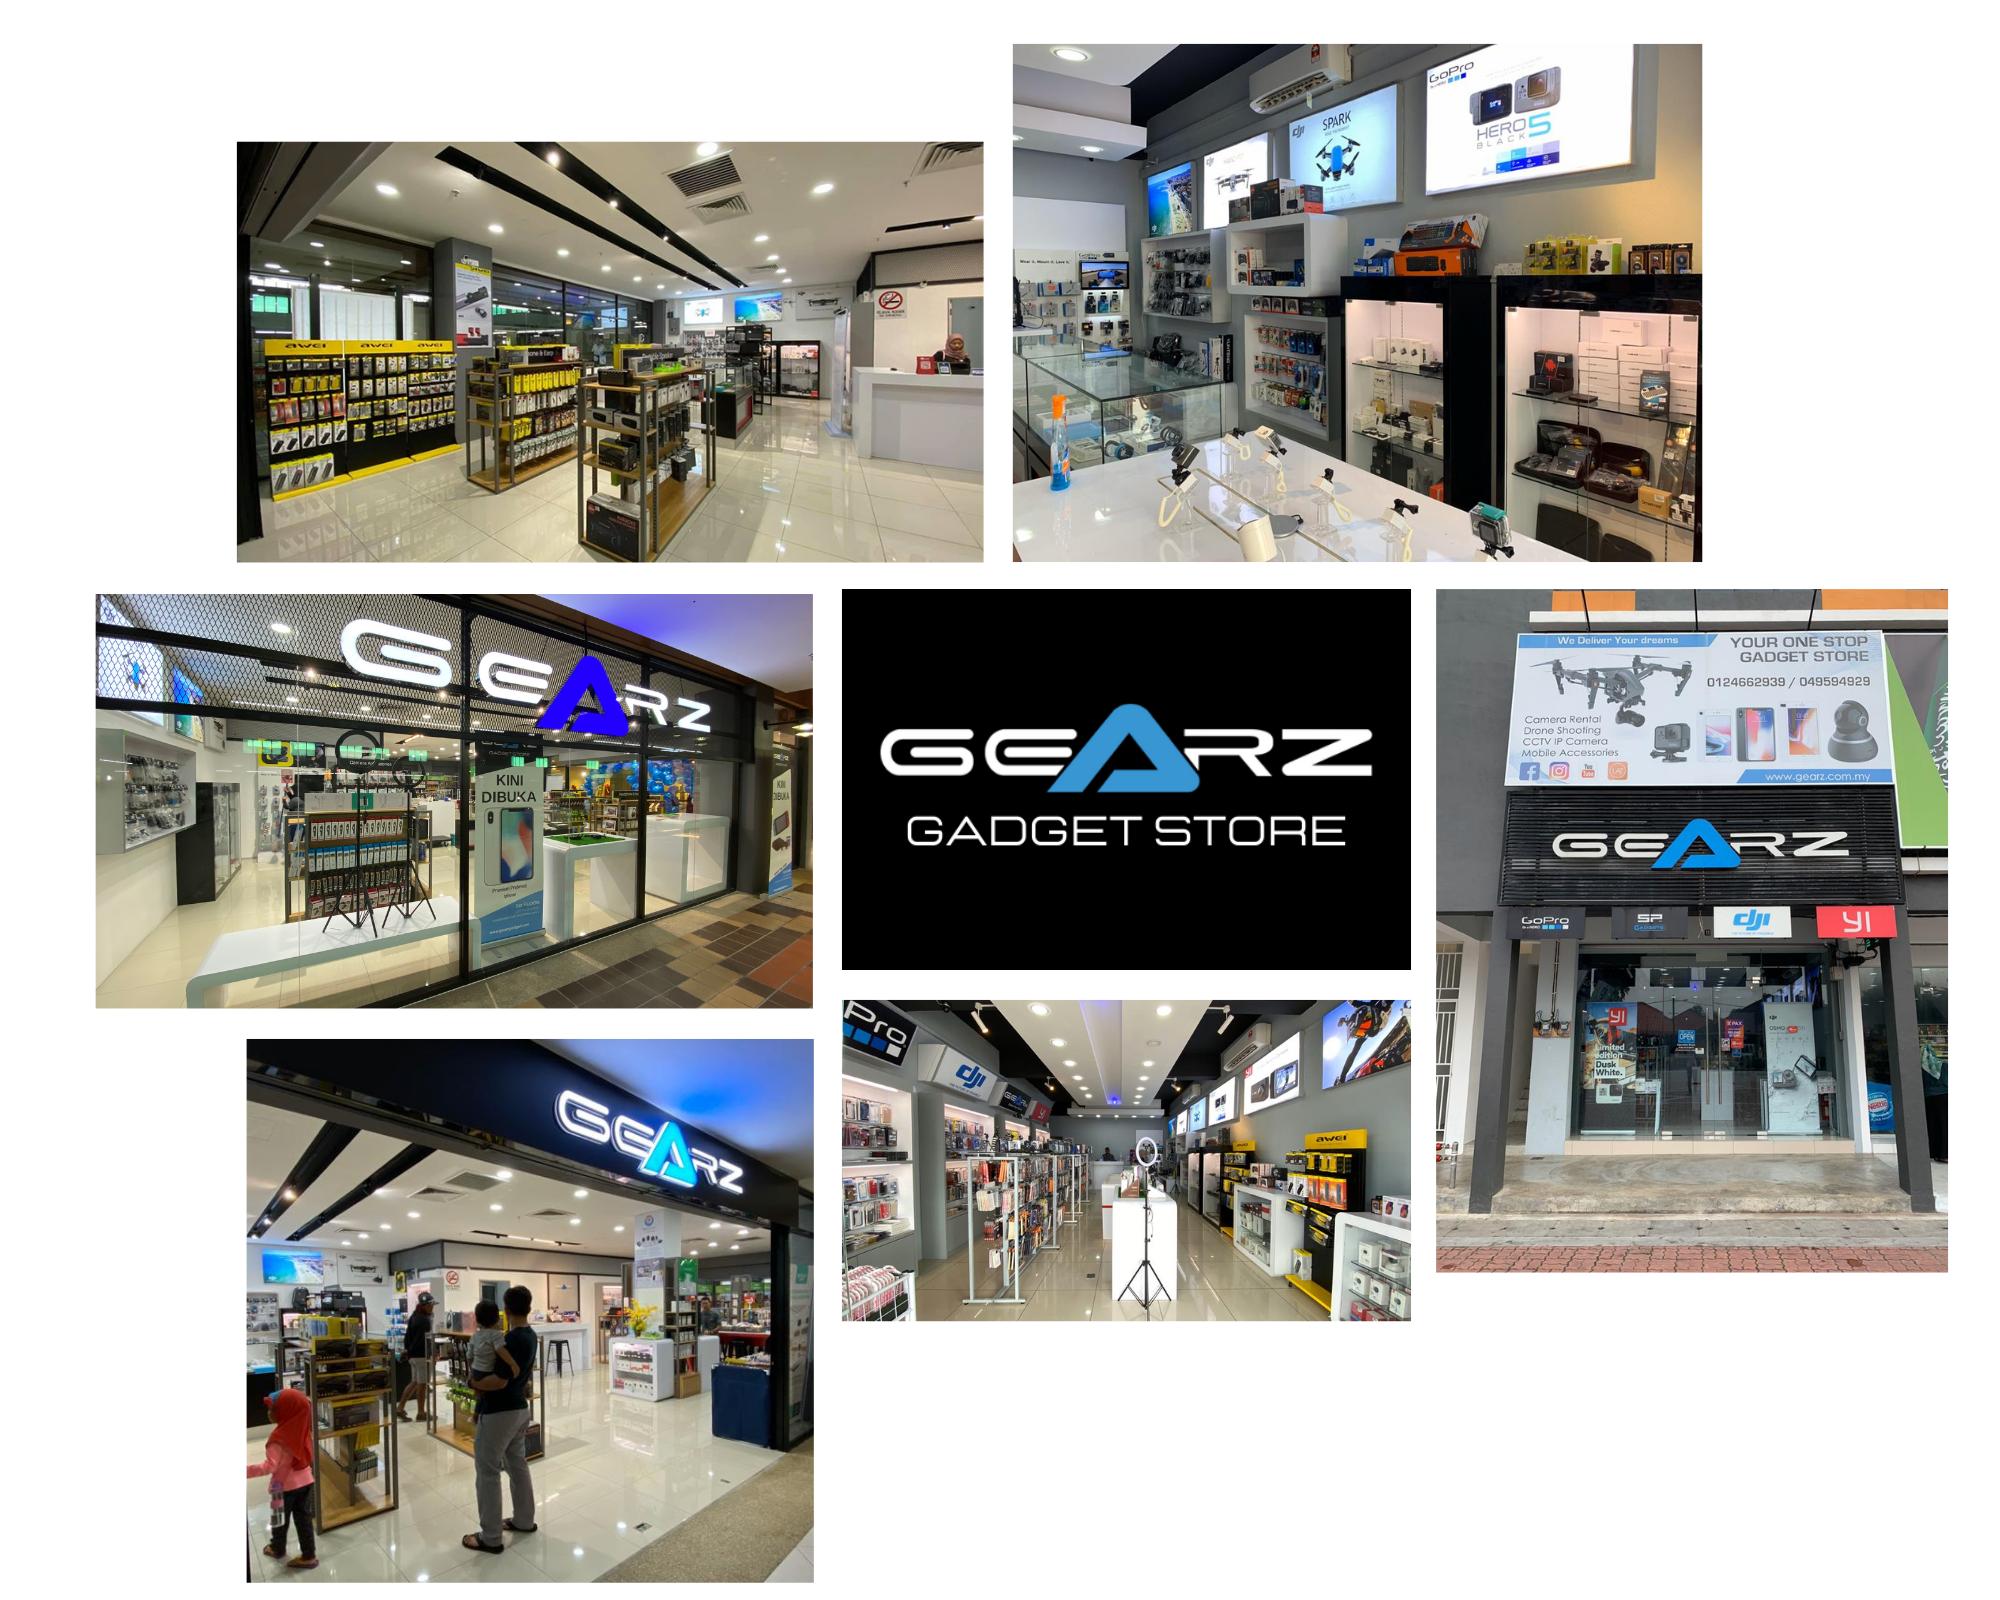 gearz gadget store